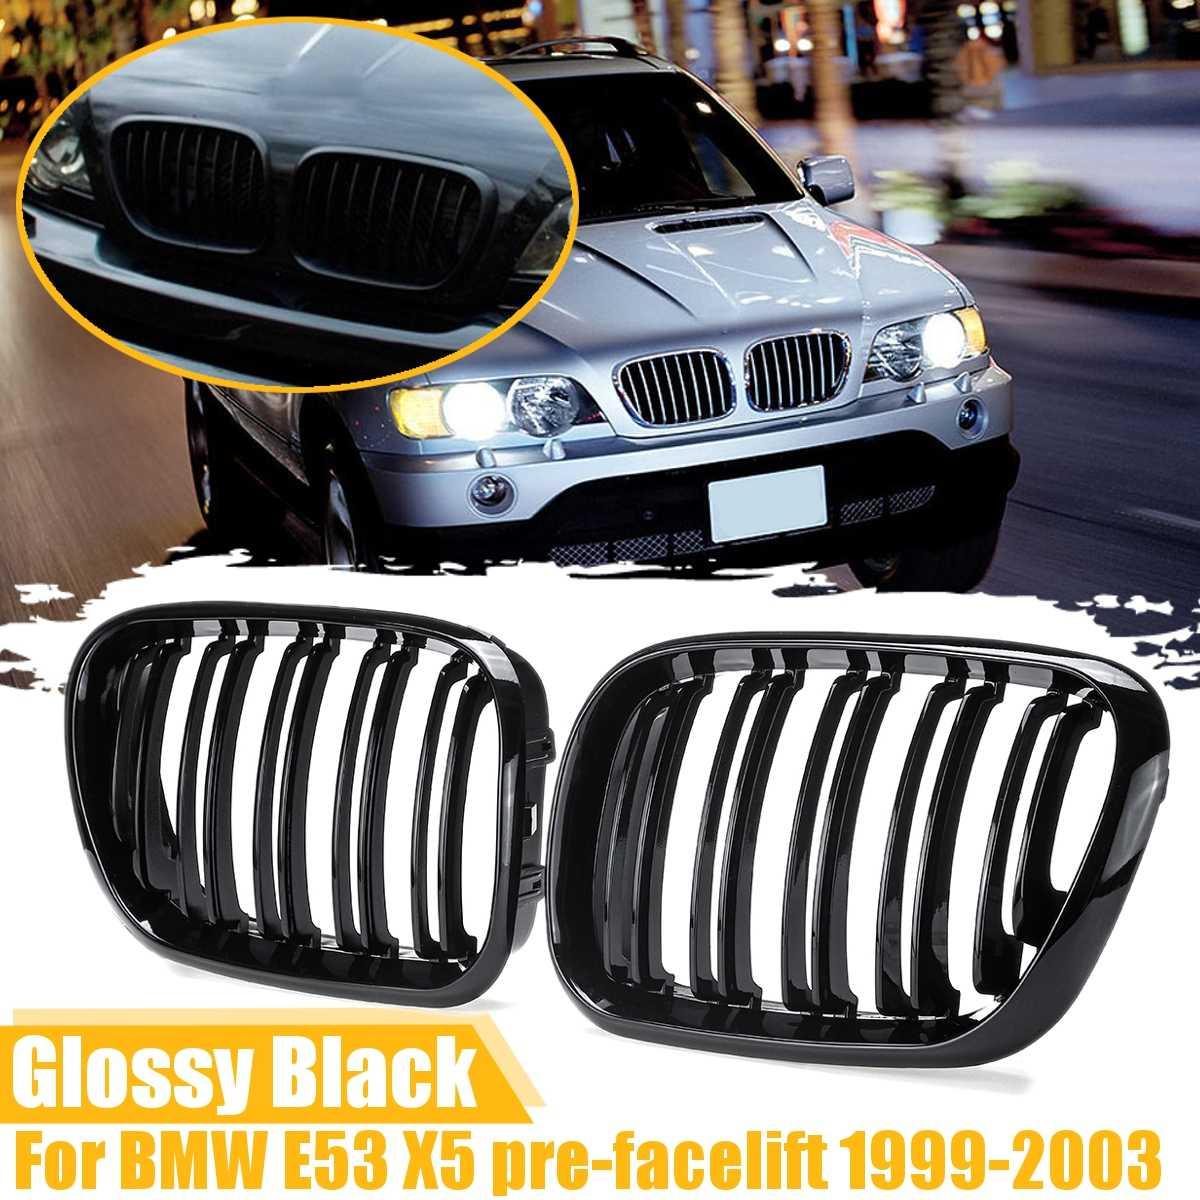 Пара глянцевых матовых черных передних грилей для почек, двойные грили для BMW E53 X5, белые, 2000, 2001, 2002, 2003, автостайлинг, гоночные грили